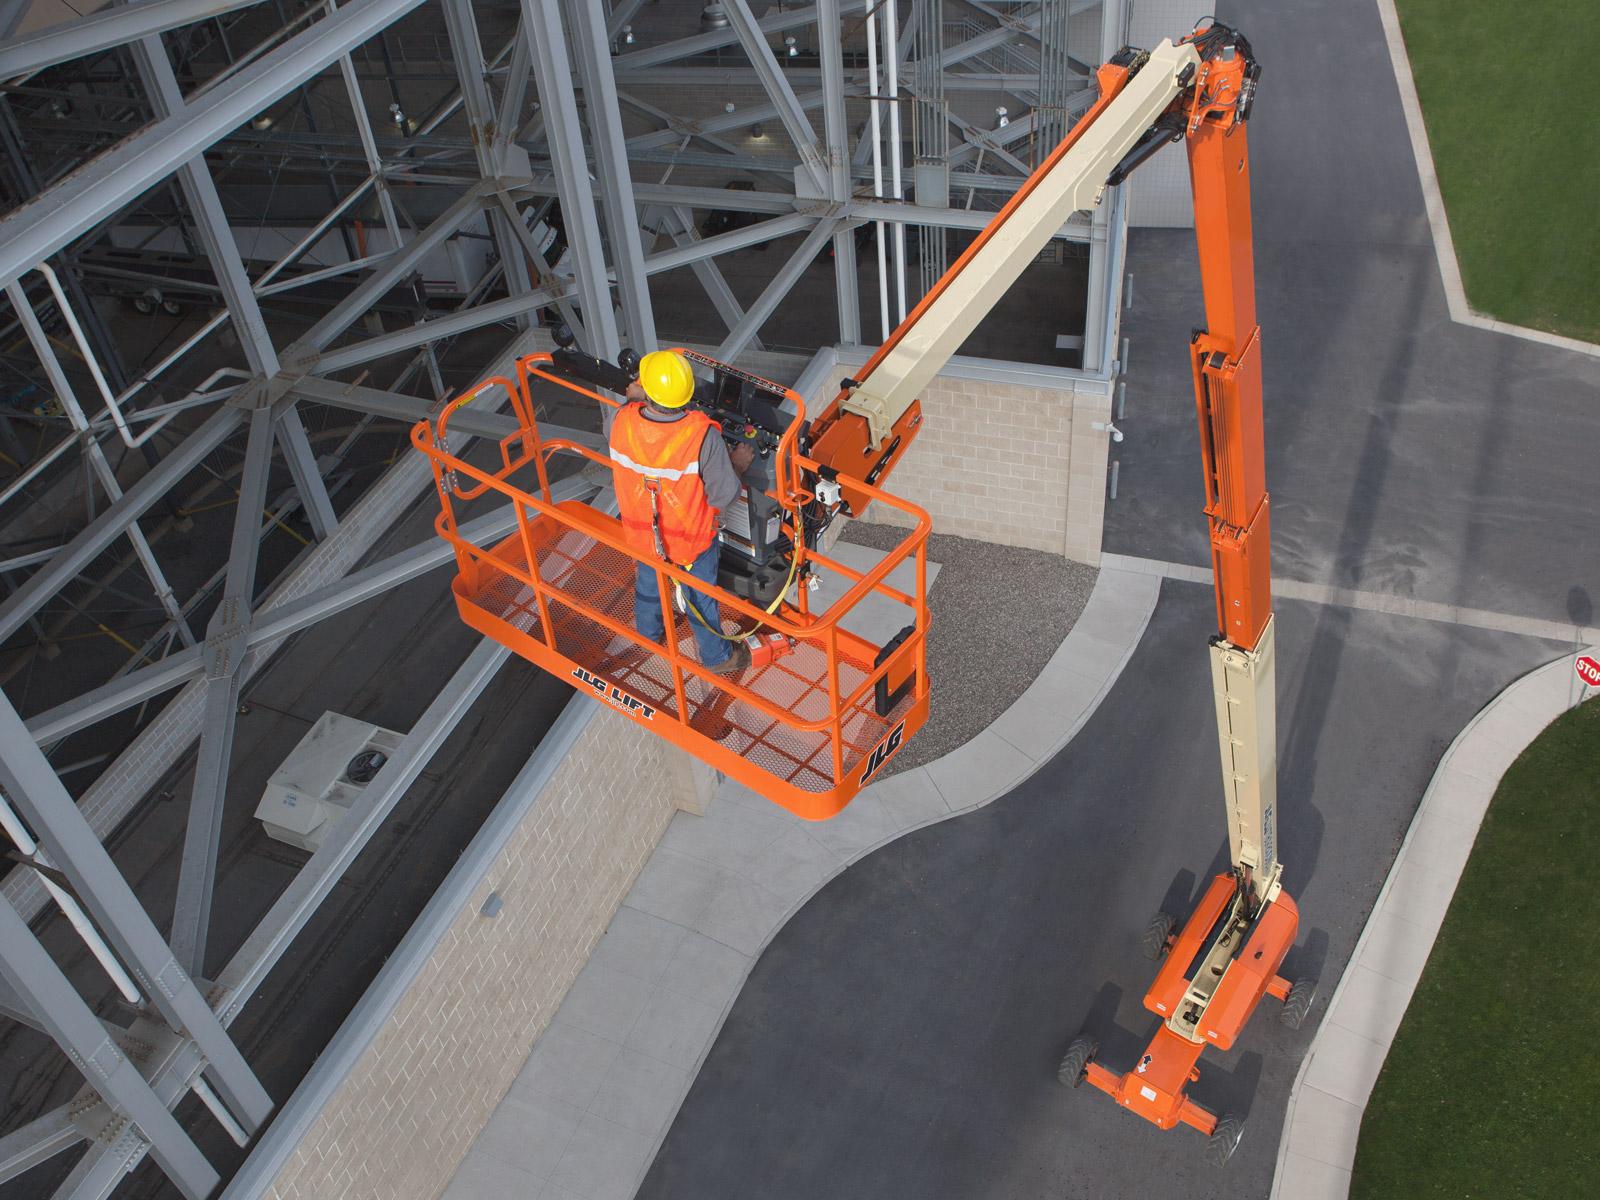 1500SJ Telescopic Boom Lift | JLG on